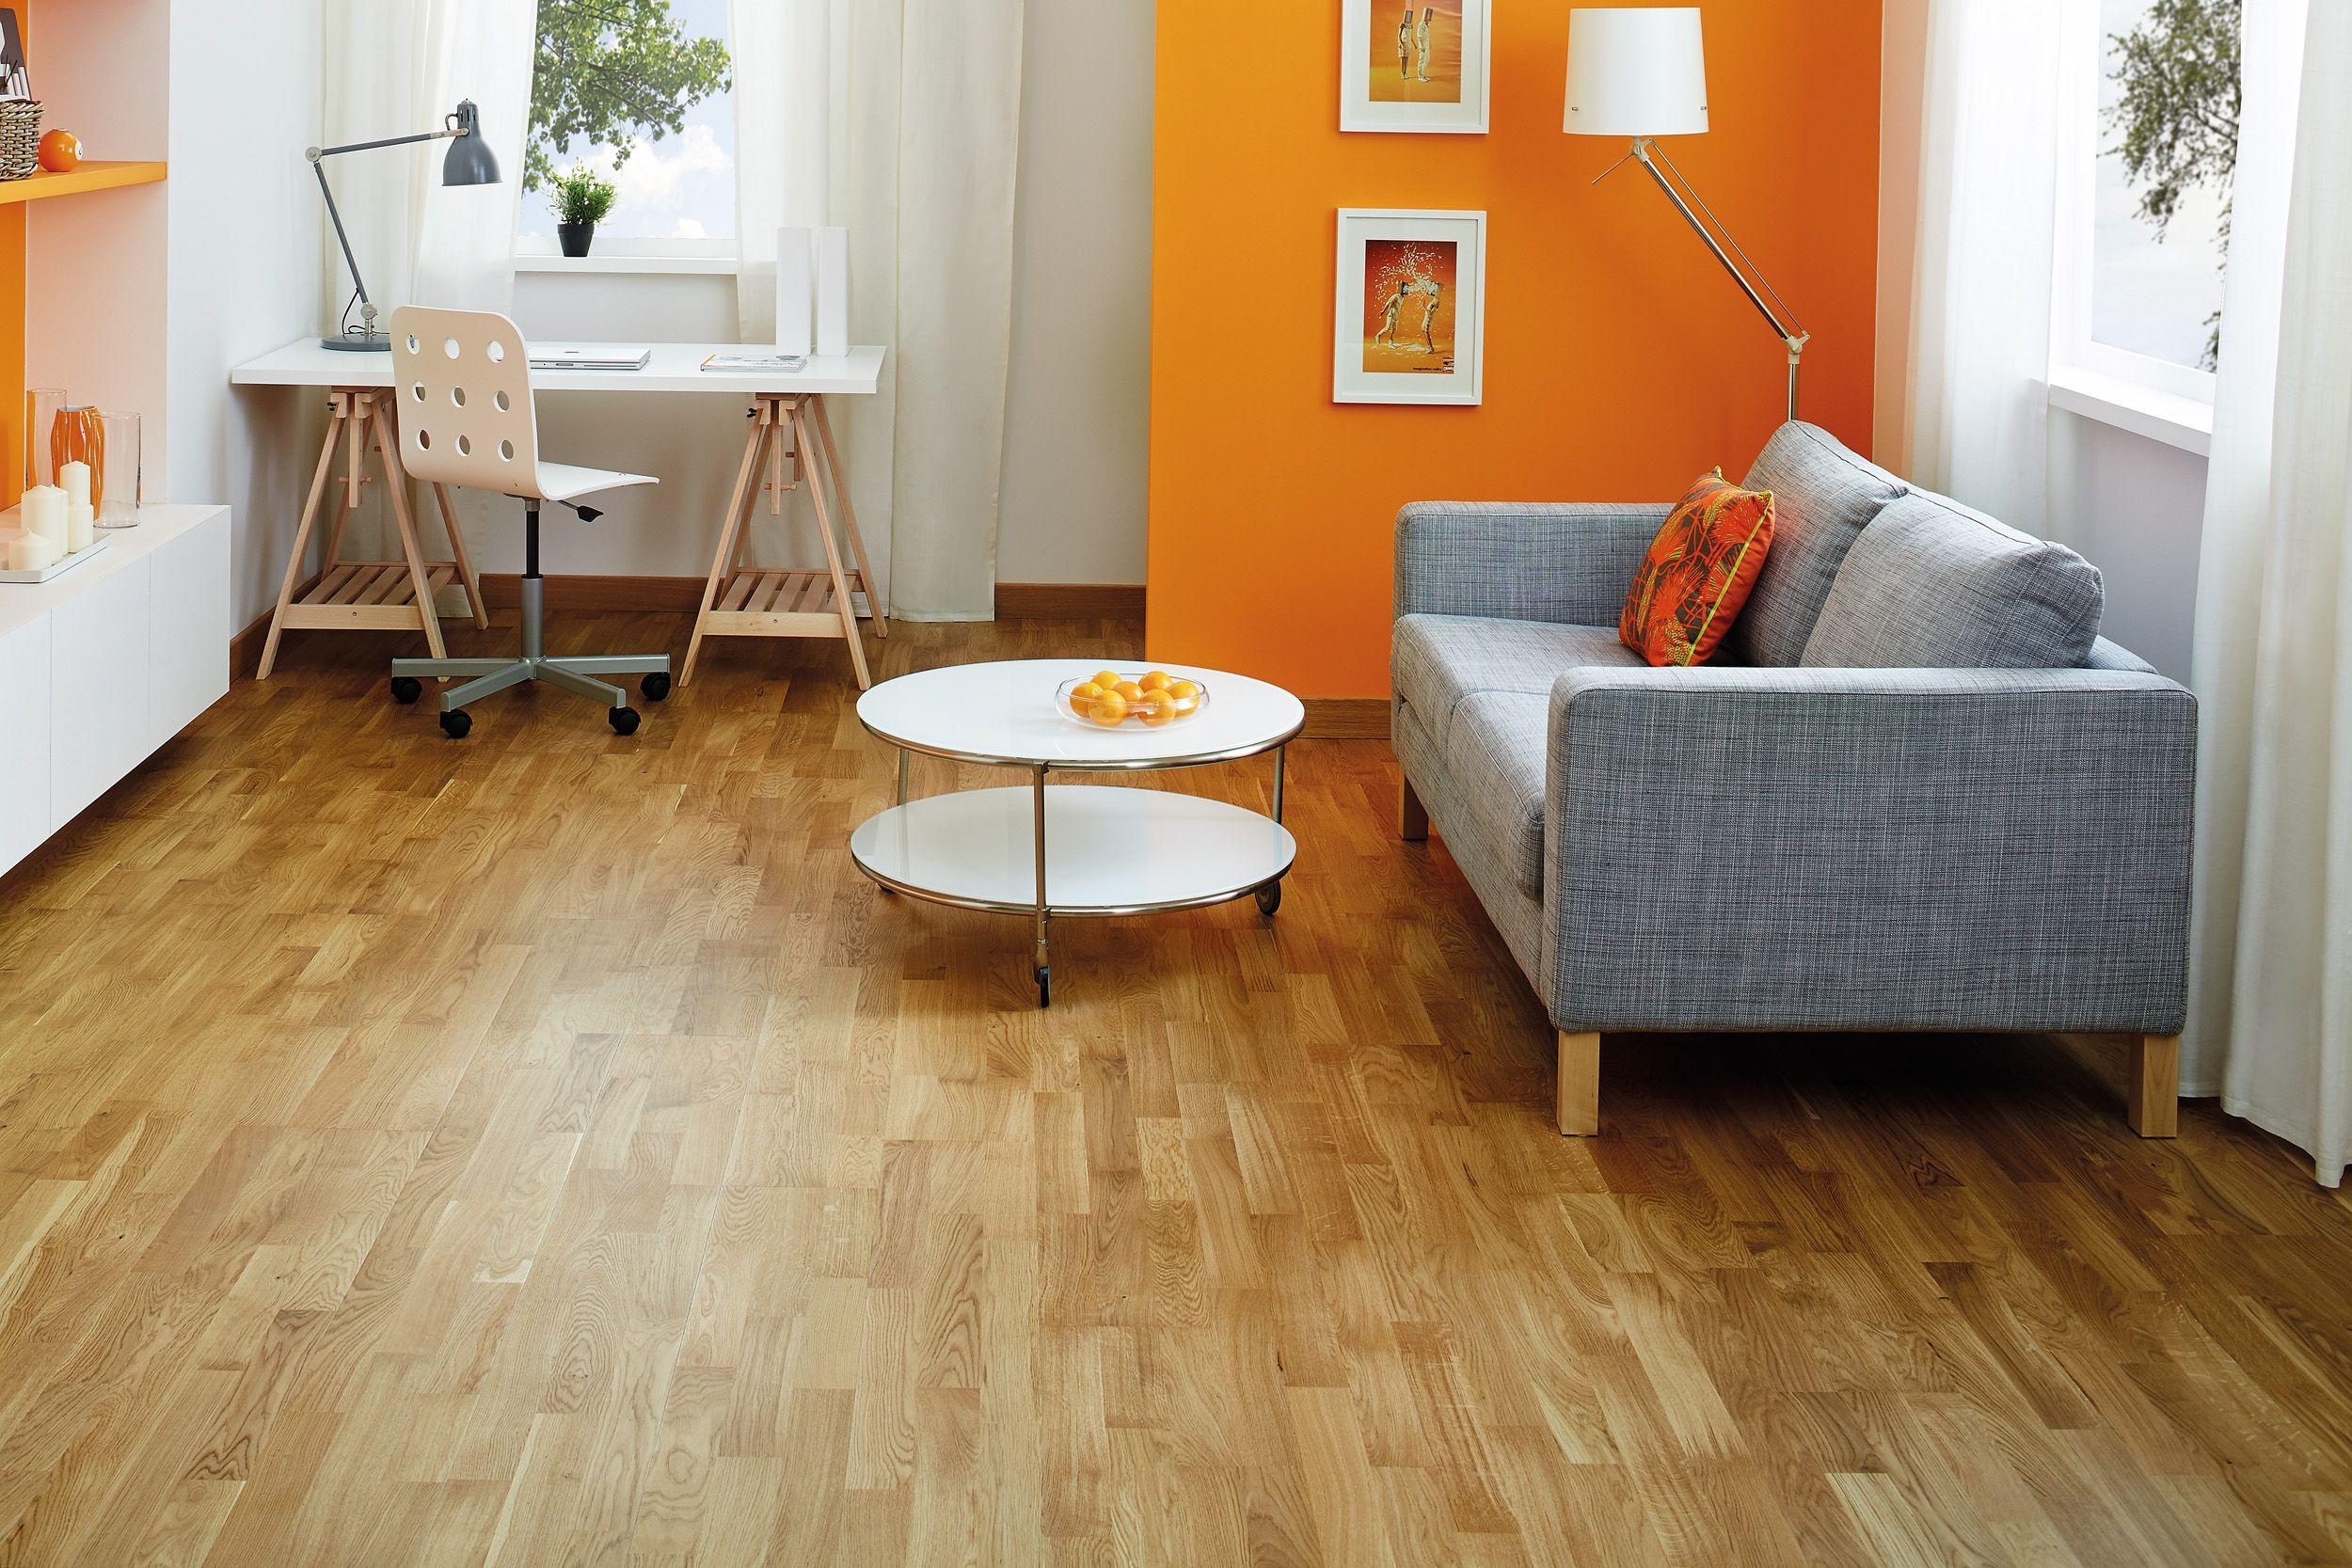 Fußboden Weiß Xl ~ Fußboden weiß xl erleben sie die vorteile und varianten von haro